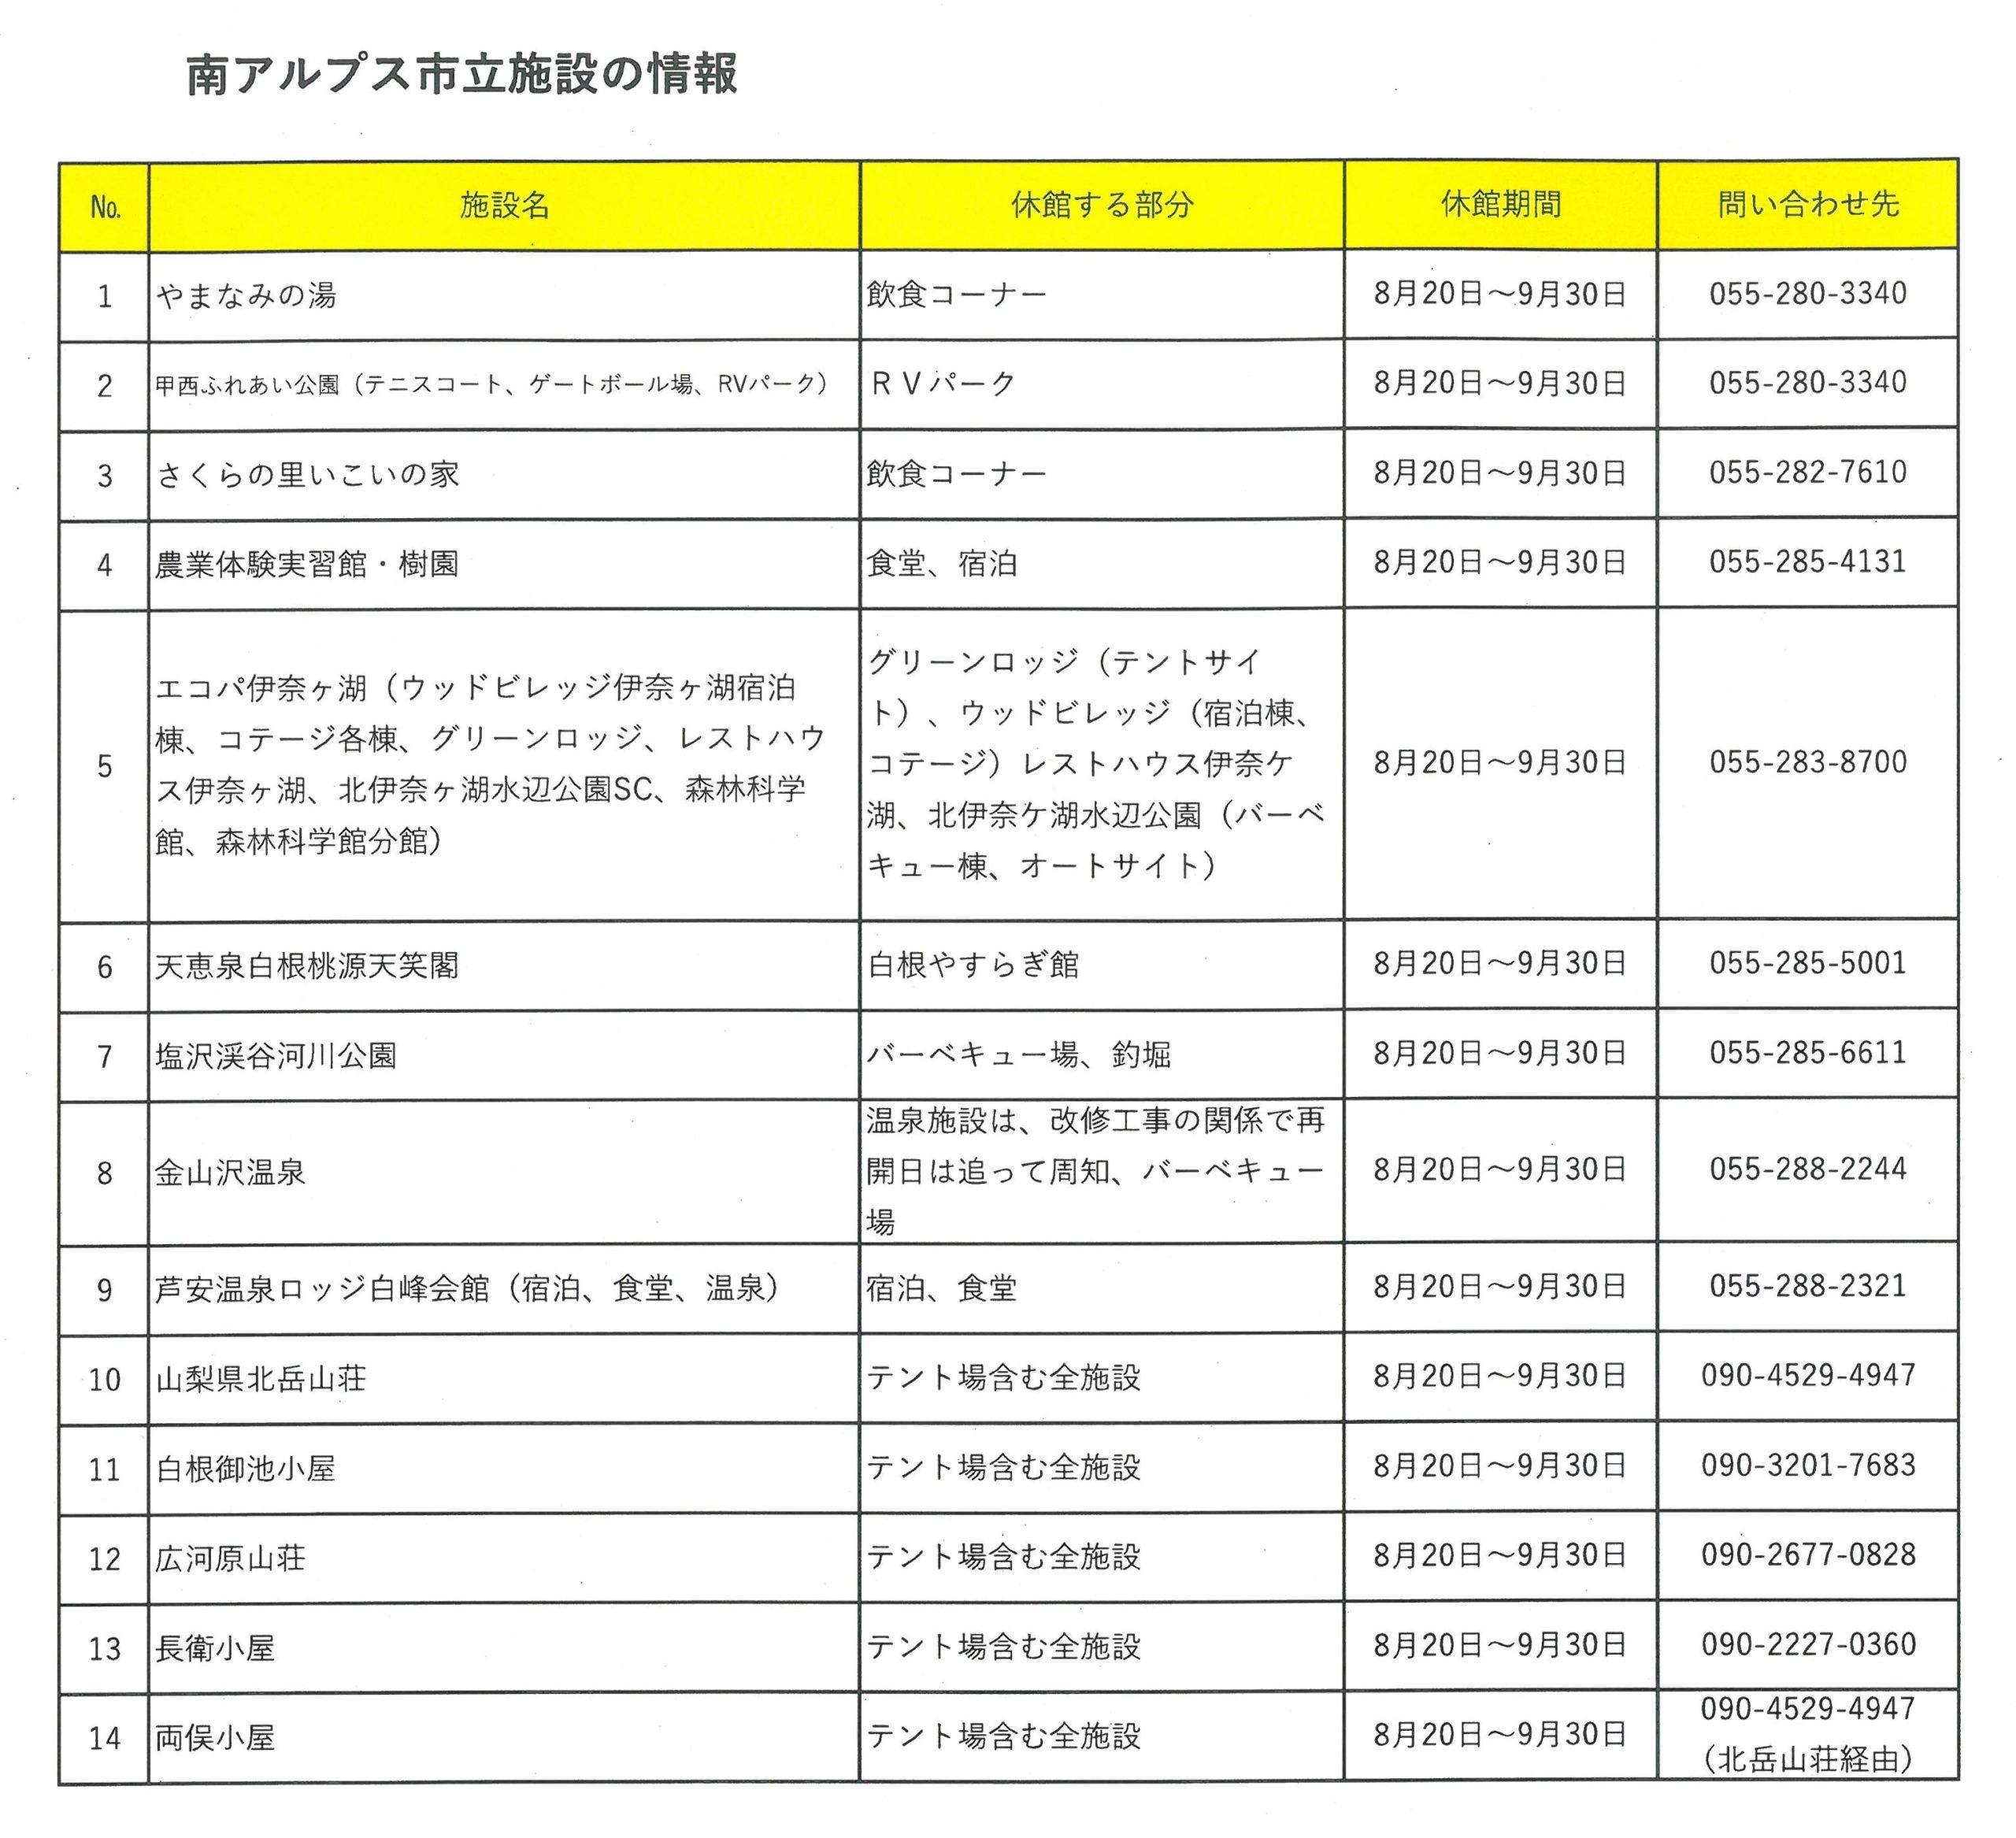 【新型コロナウイルス感染症対策に伴う施設の休館情報】9/13